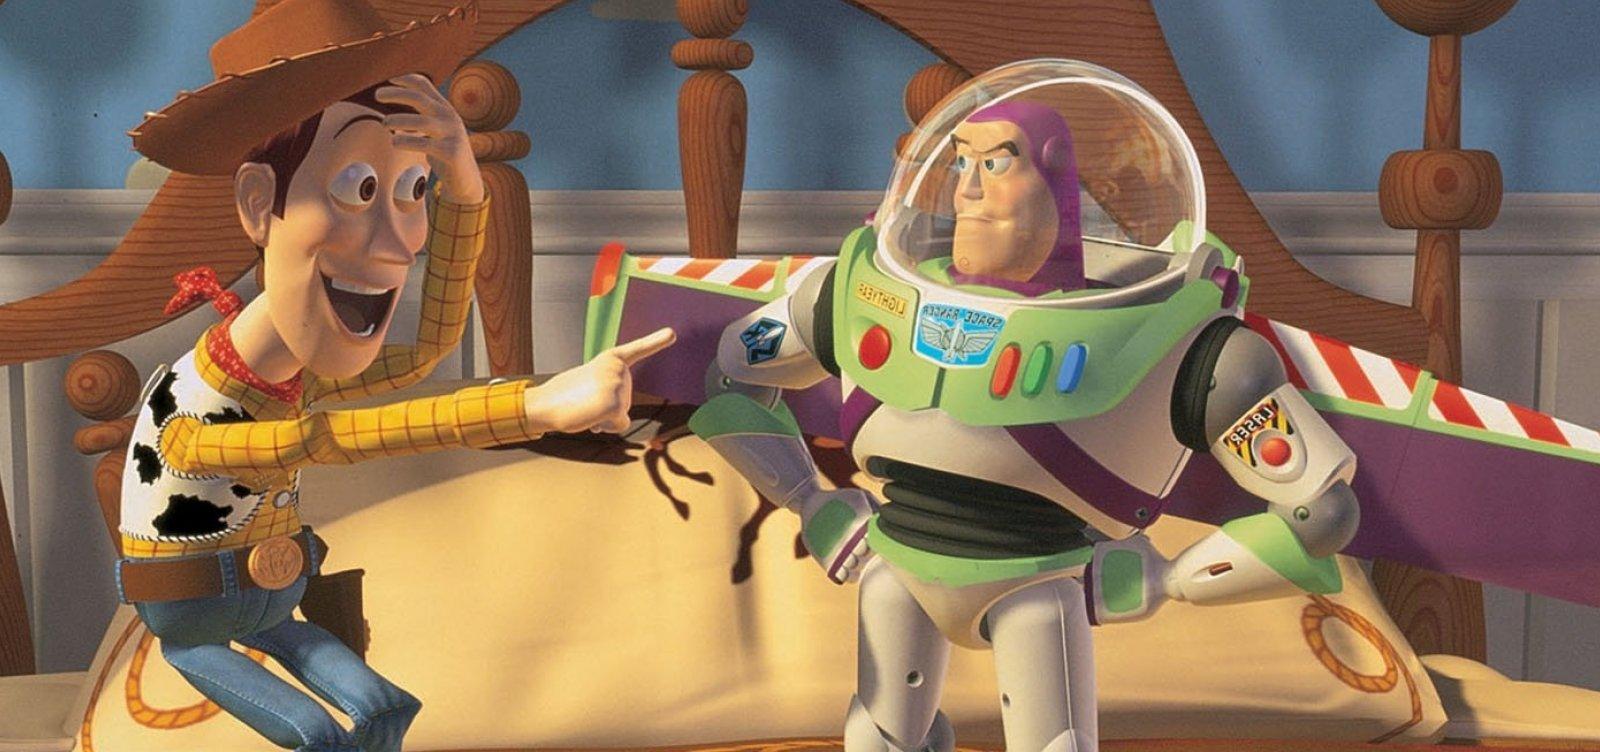 [Disney exclui cena de 'Toy Story' que fazia alusão a casos de assédio em Hollywood]